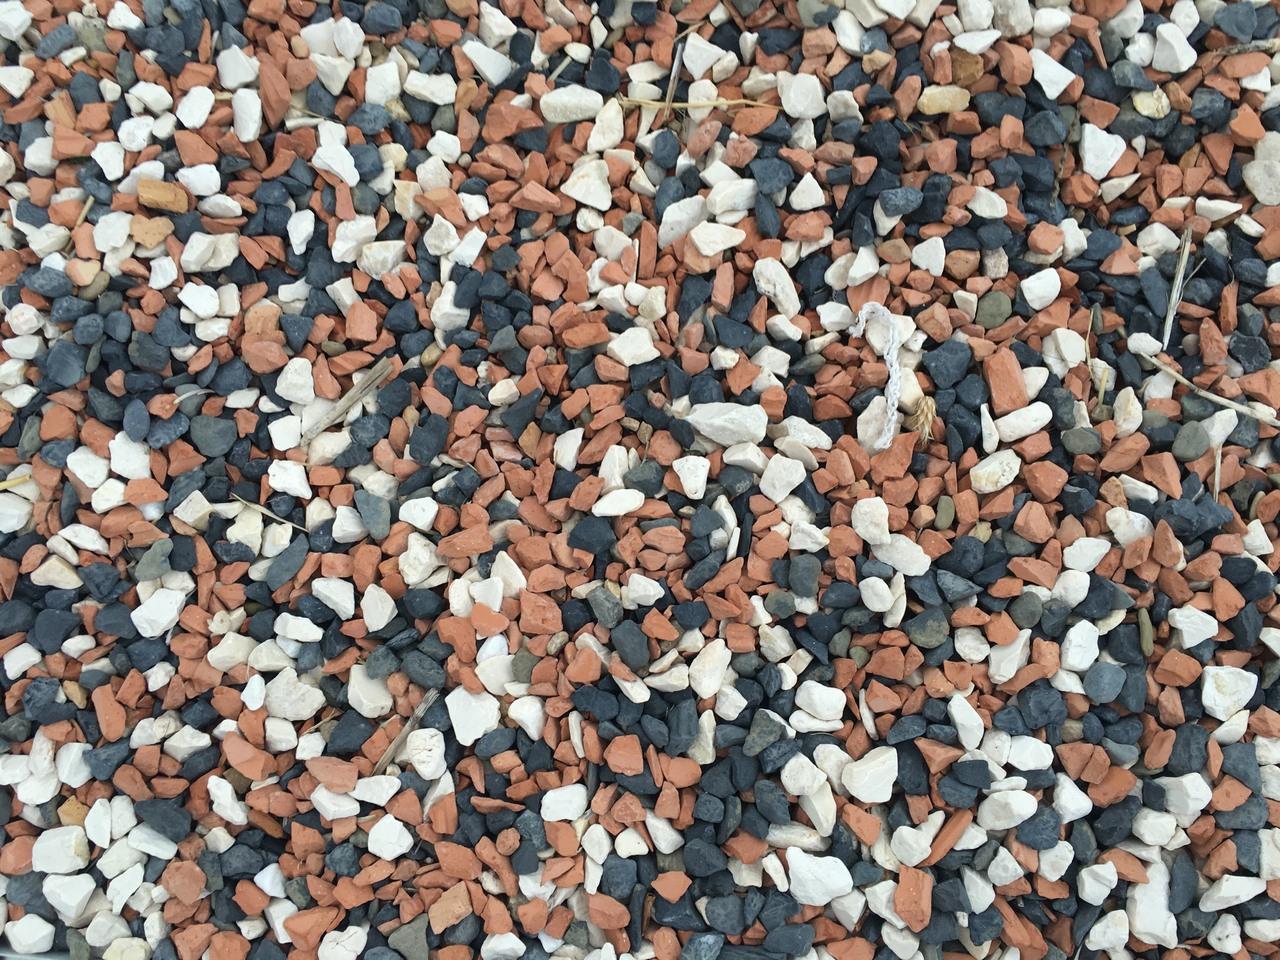 chamota-brique-pilee-espagne-1280×960 (6)